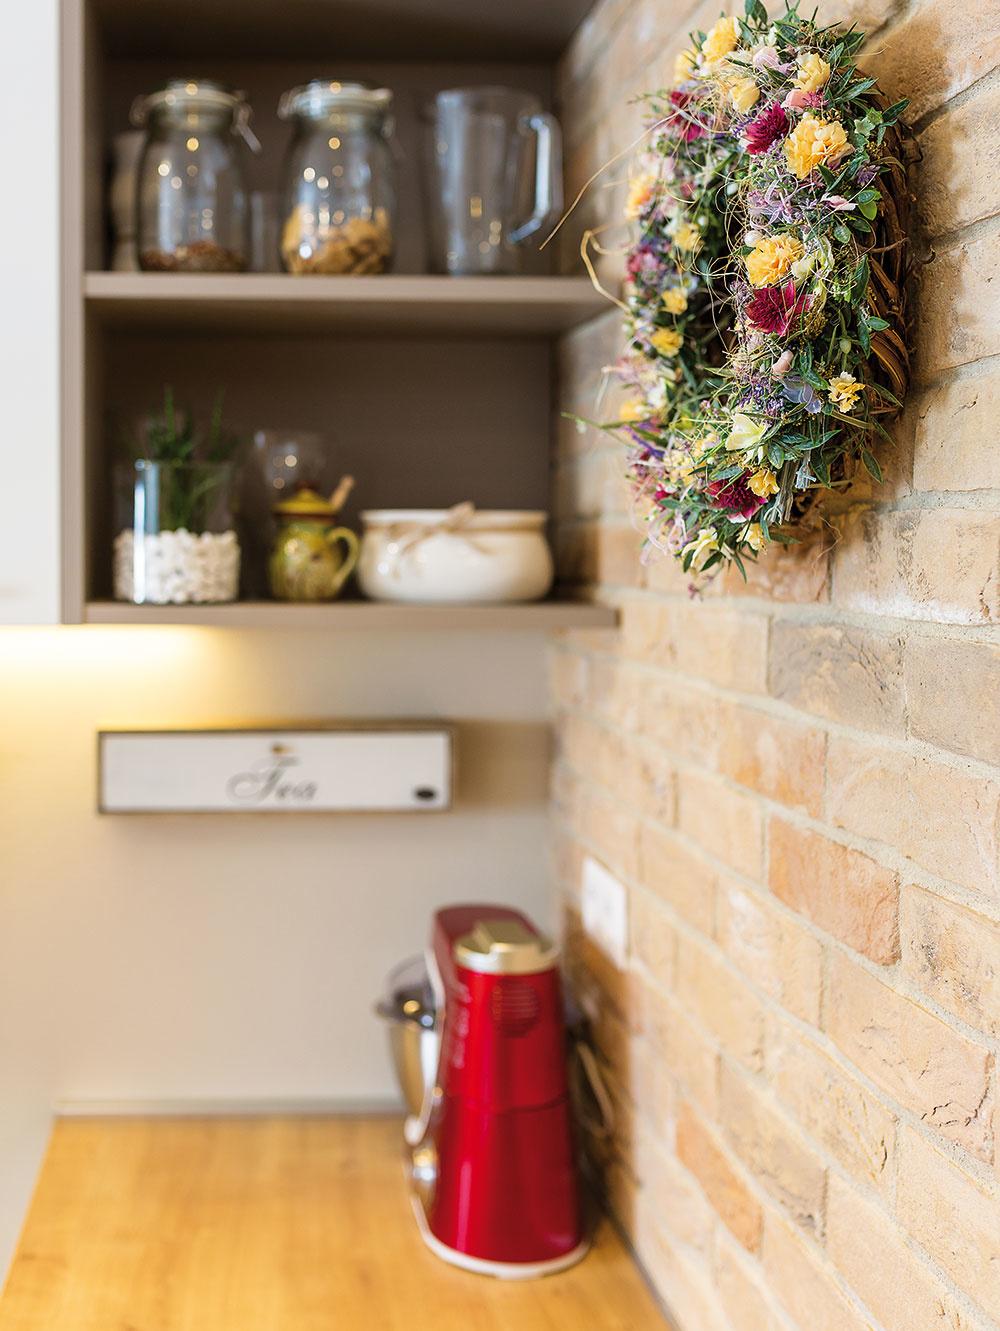 Tehlové steny, ktoré sú dôležitým štýlotvorným prvkom, dotvárajú príjemnú vidiecku atmosféru vcelom interiéri. Praktickou voľbou bol exteriérový obklad, ktorý je navyše napenetrovaný, takže sa veľmi nešpiní adá sa ľahko očistiť.